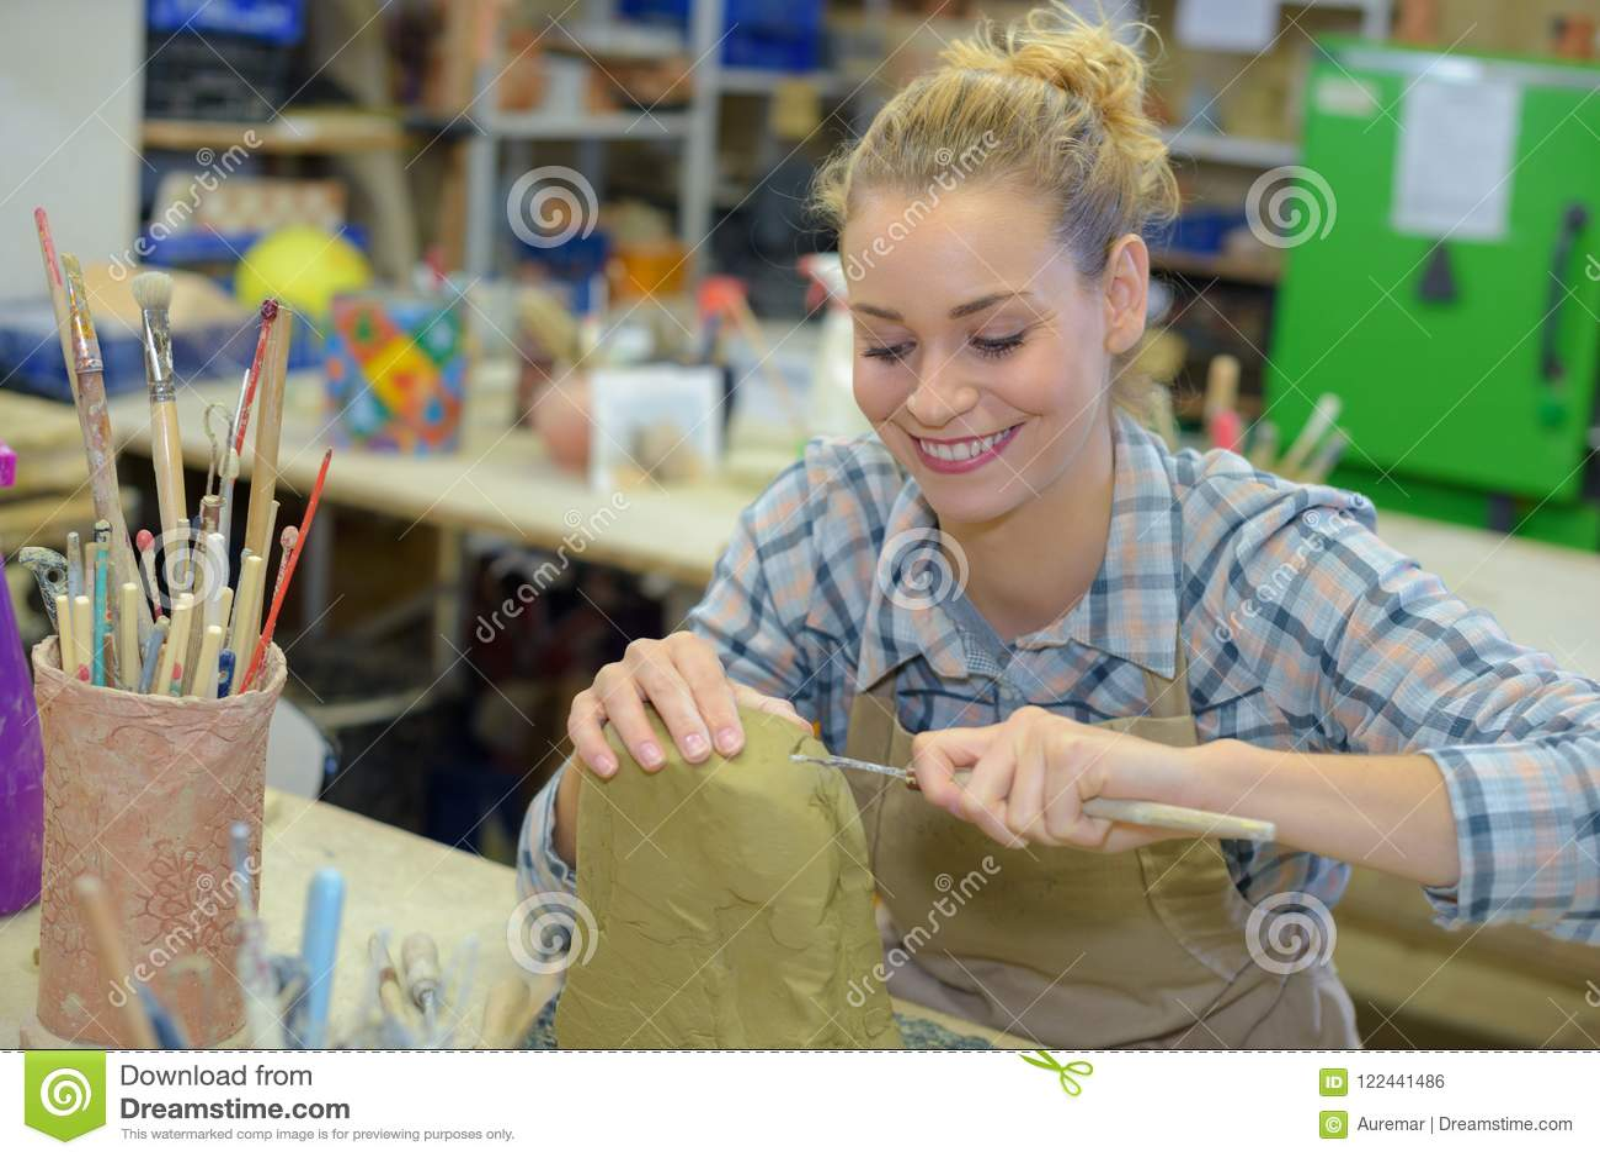 Glad kvinnlig konstnär på arbete